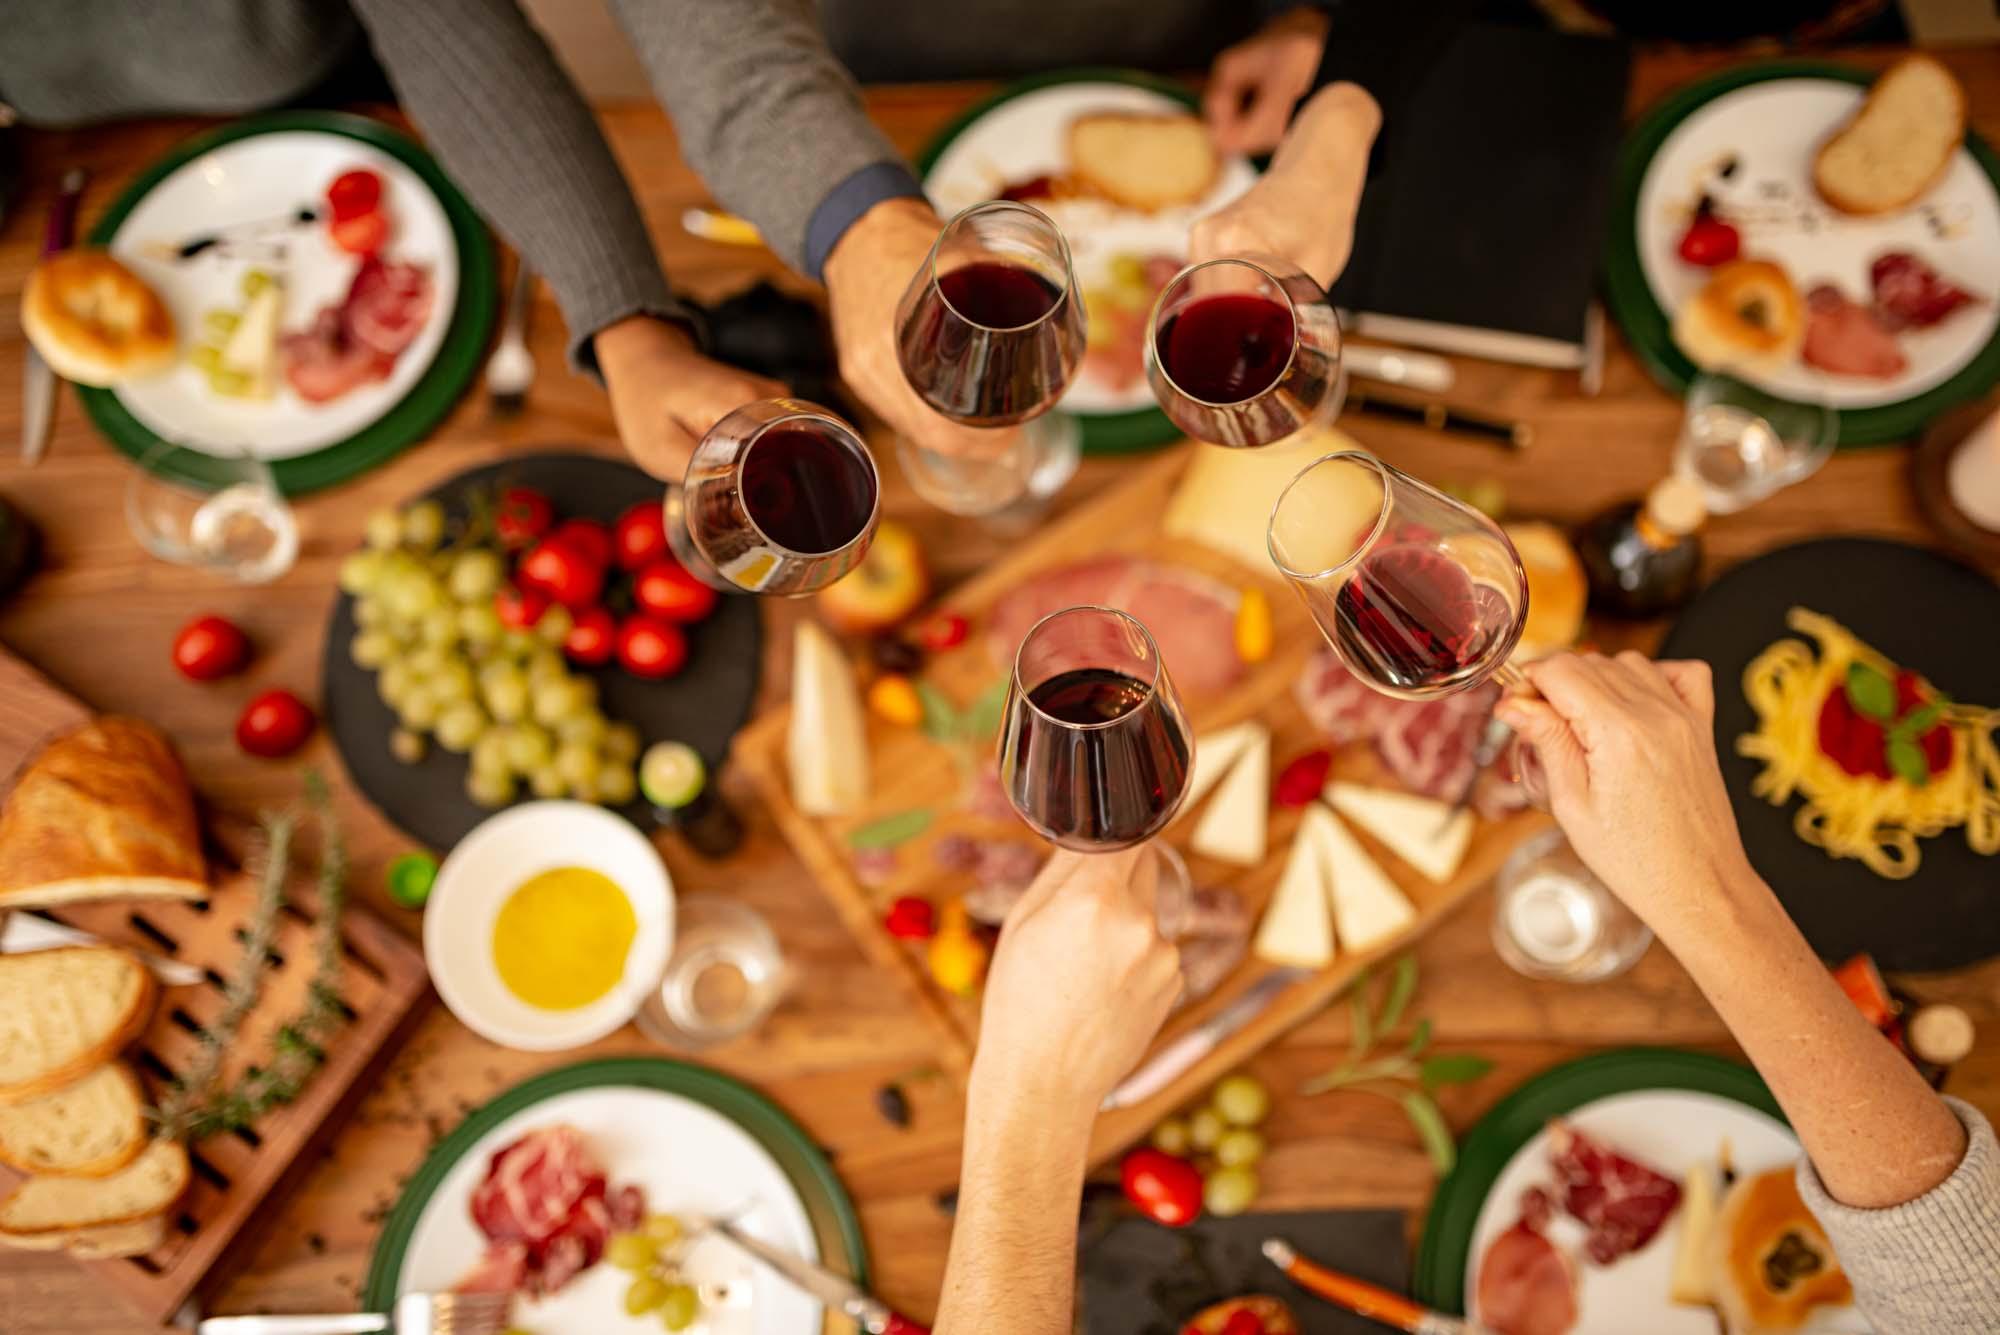 Corsi Di Cucina Formazione Manageriale a Torino